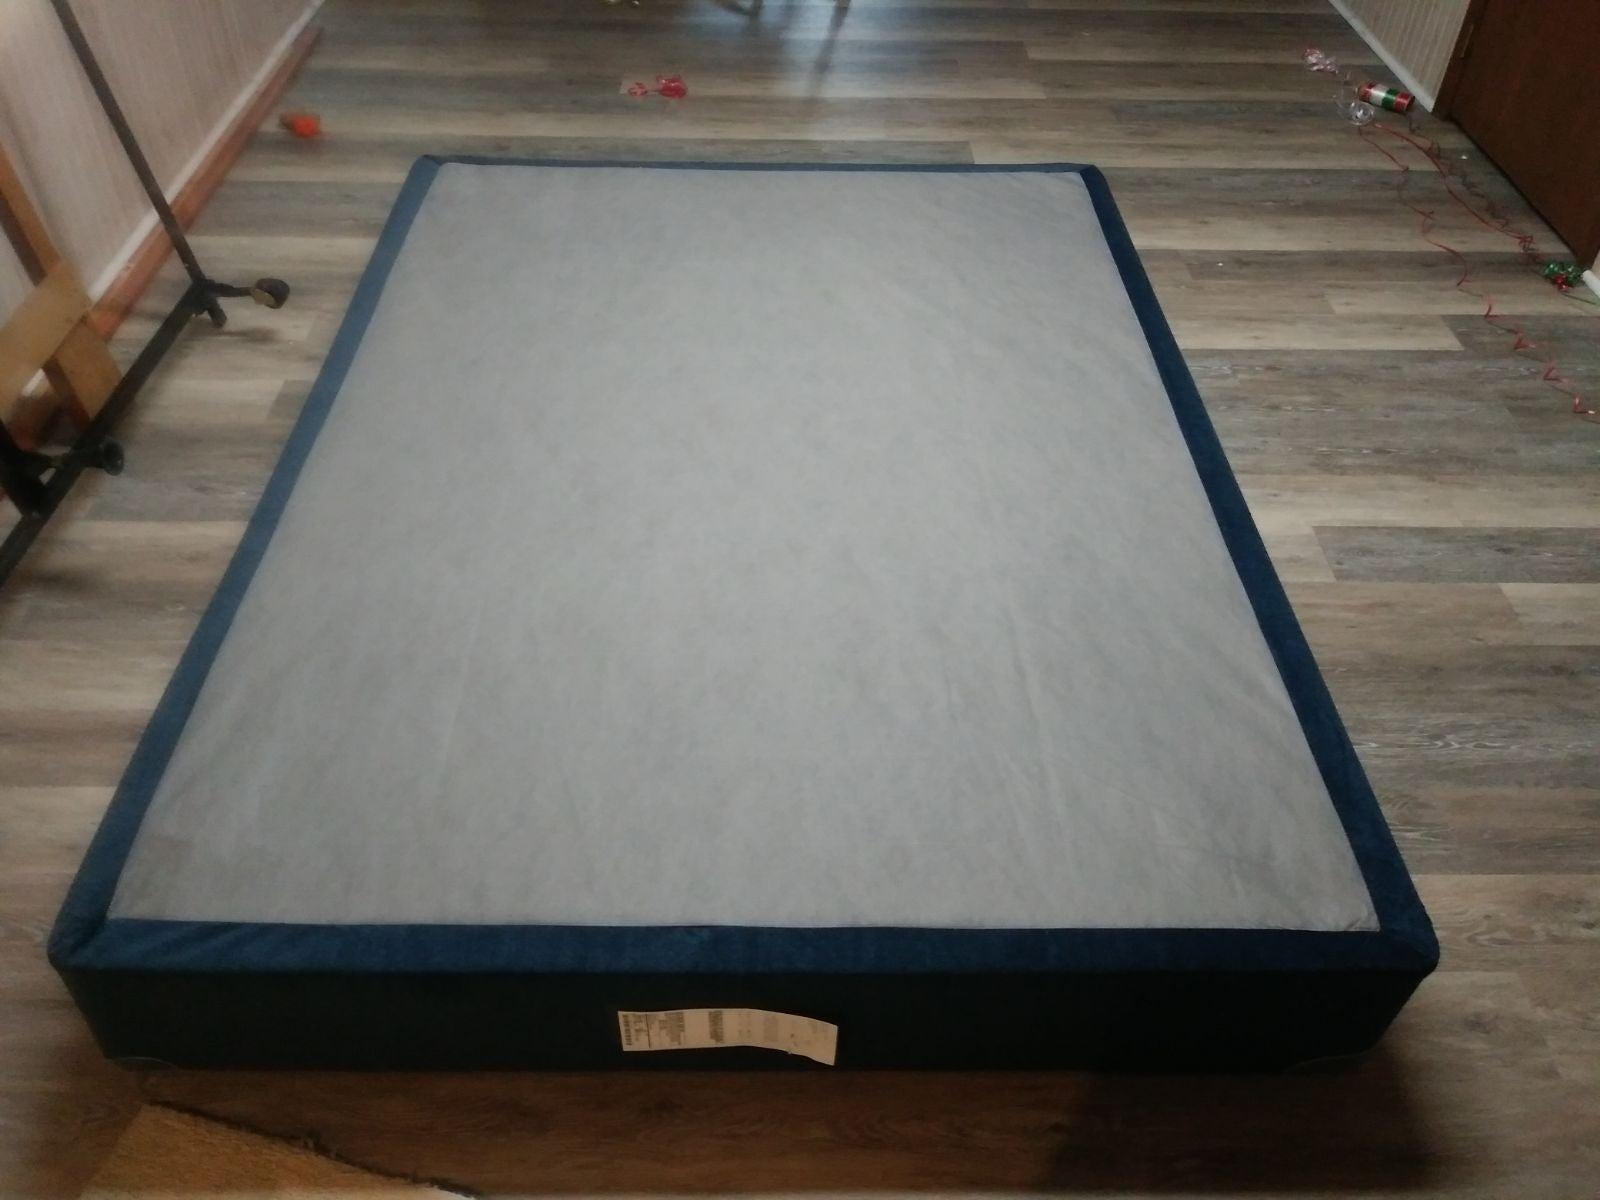 Serta Comfort Box (Queen-size)